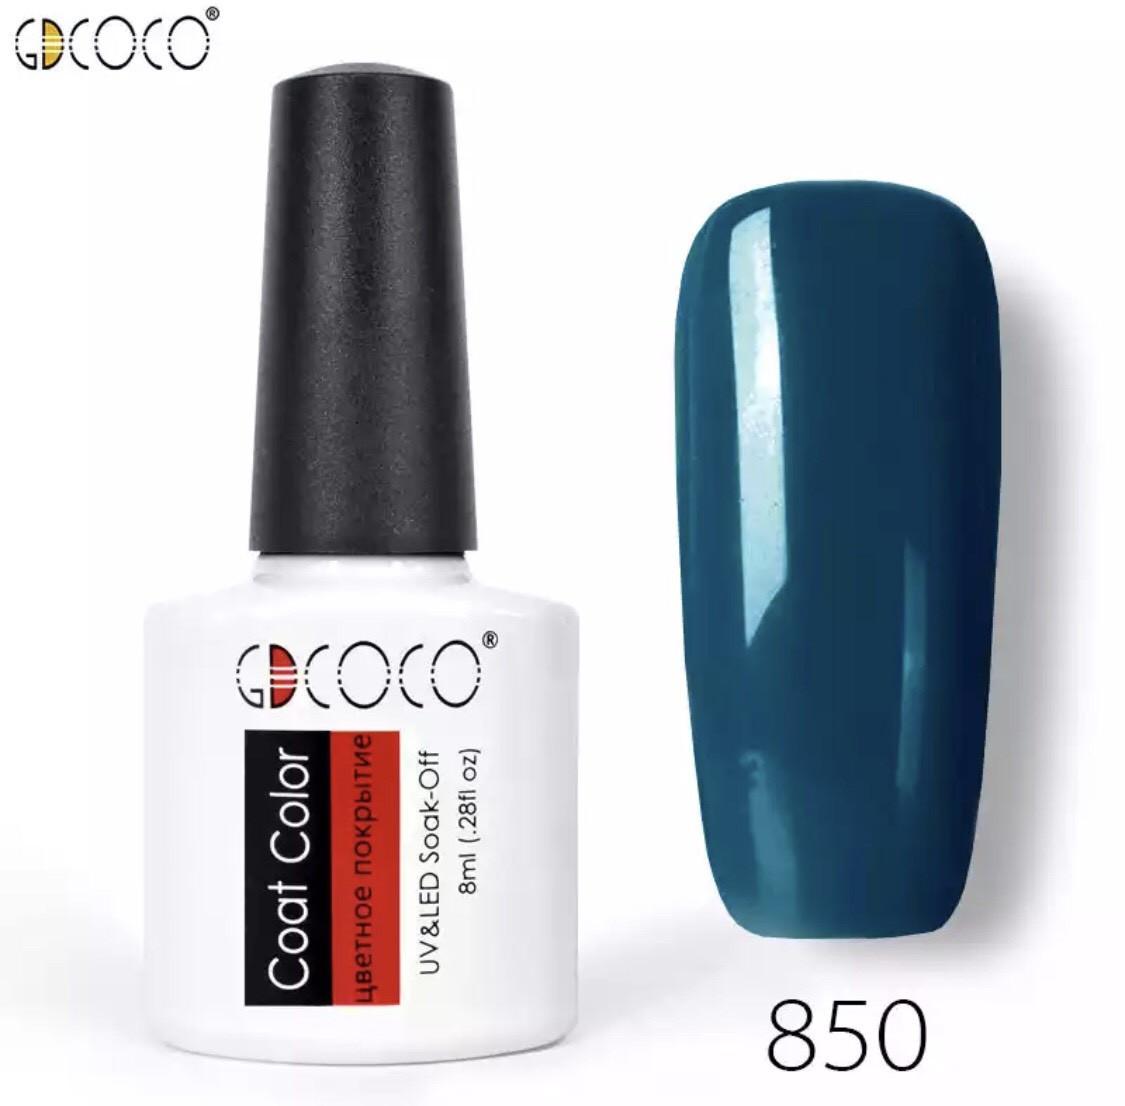 Гель-лак GDCOCO 8 мл, №850 (темный нефритовый)